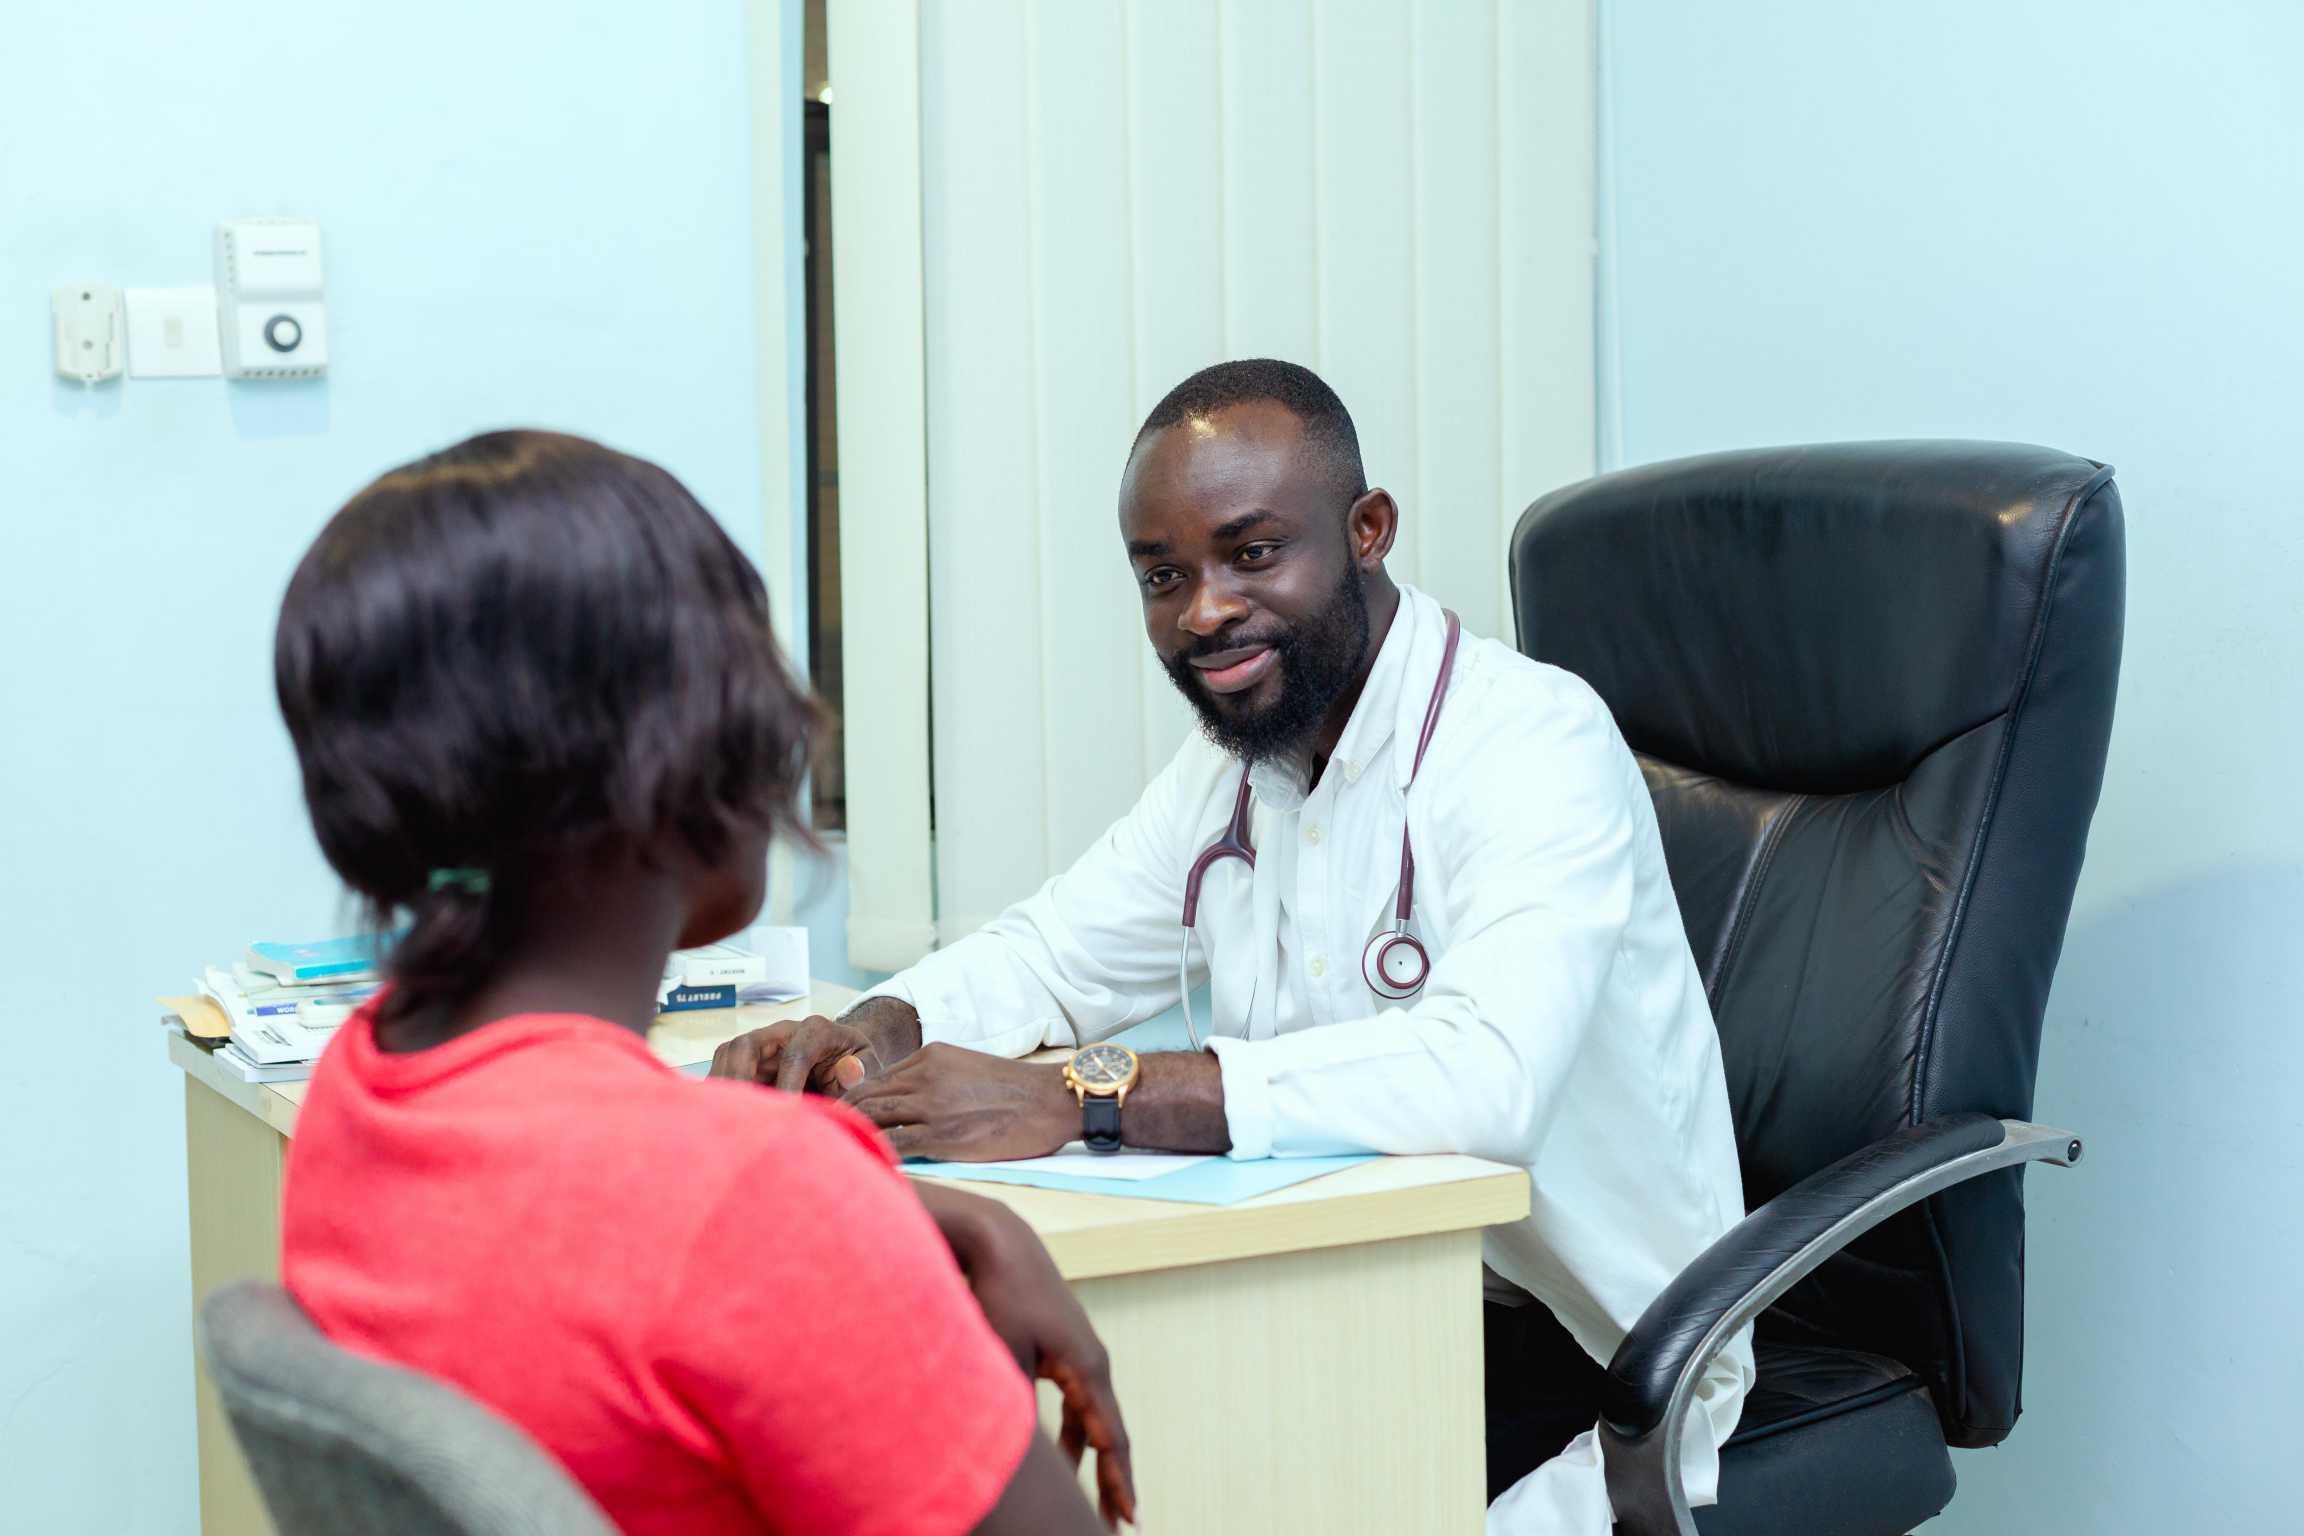 Out patient care